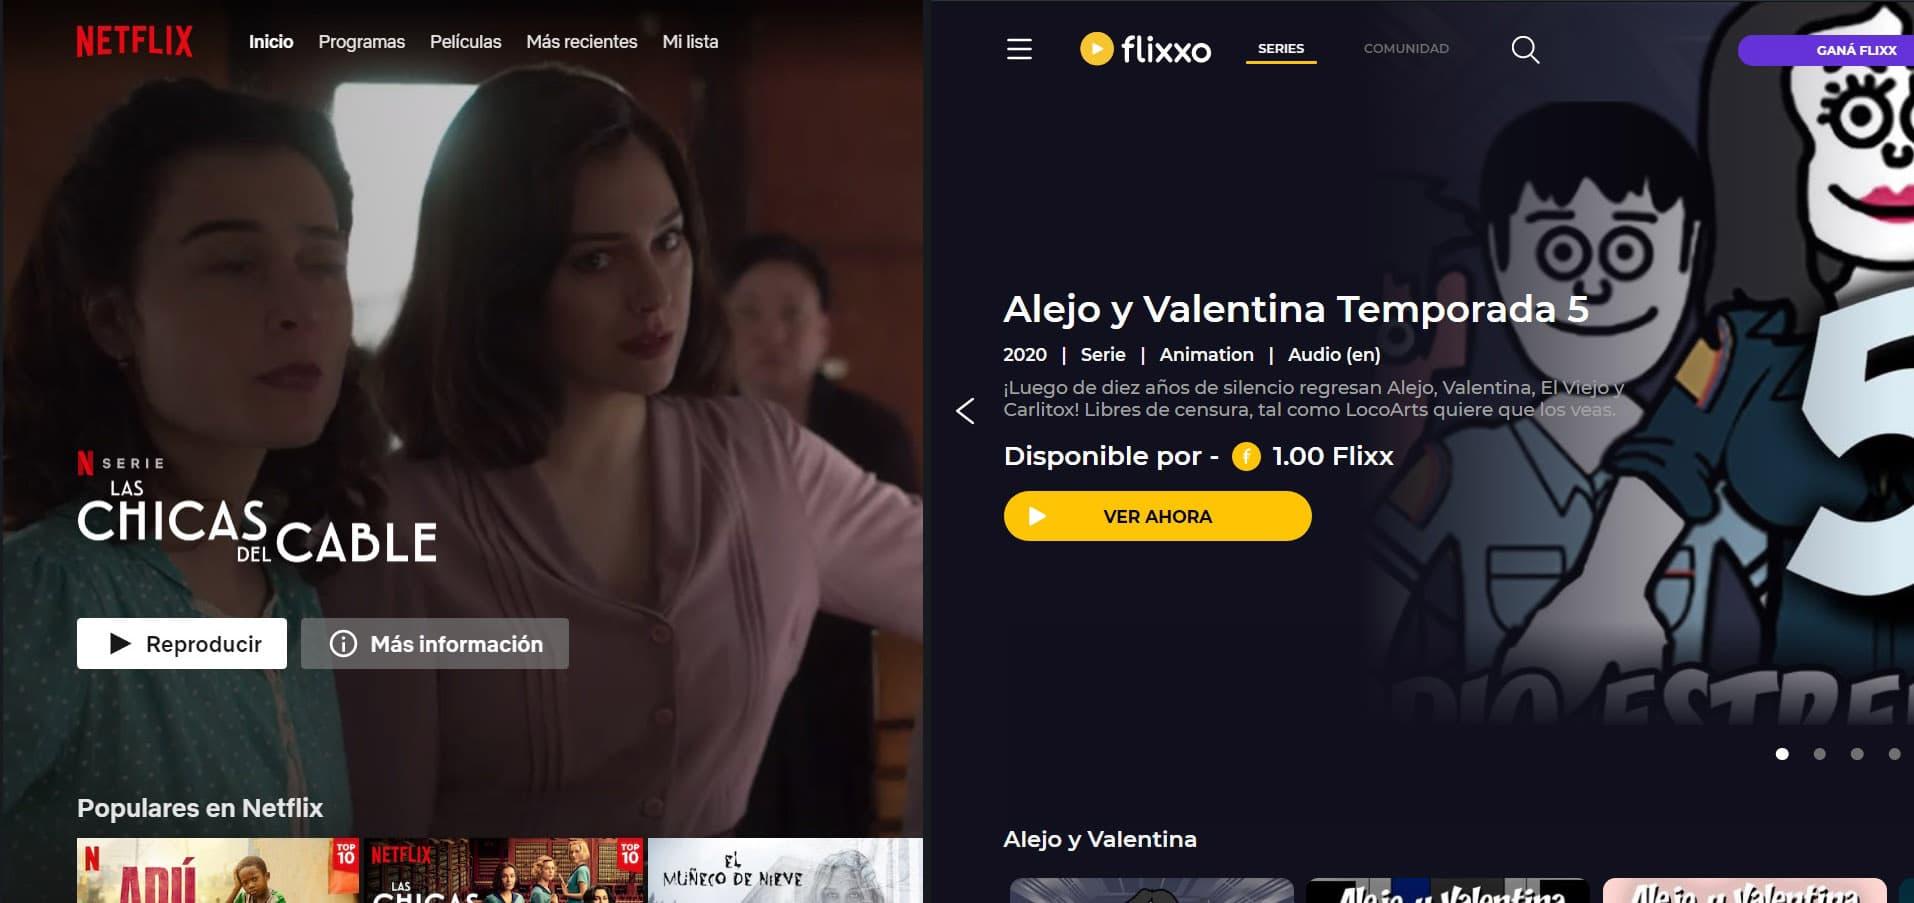 Flixxo-streaming-criptomonedas-Netflix